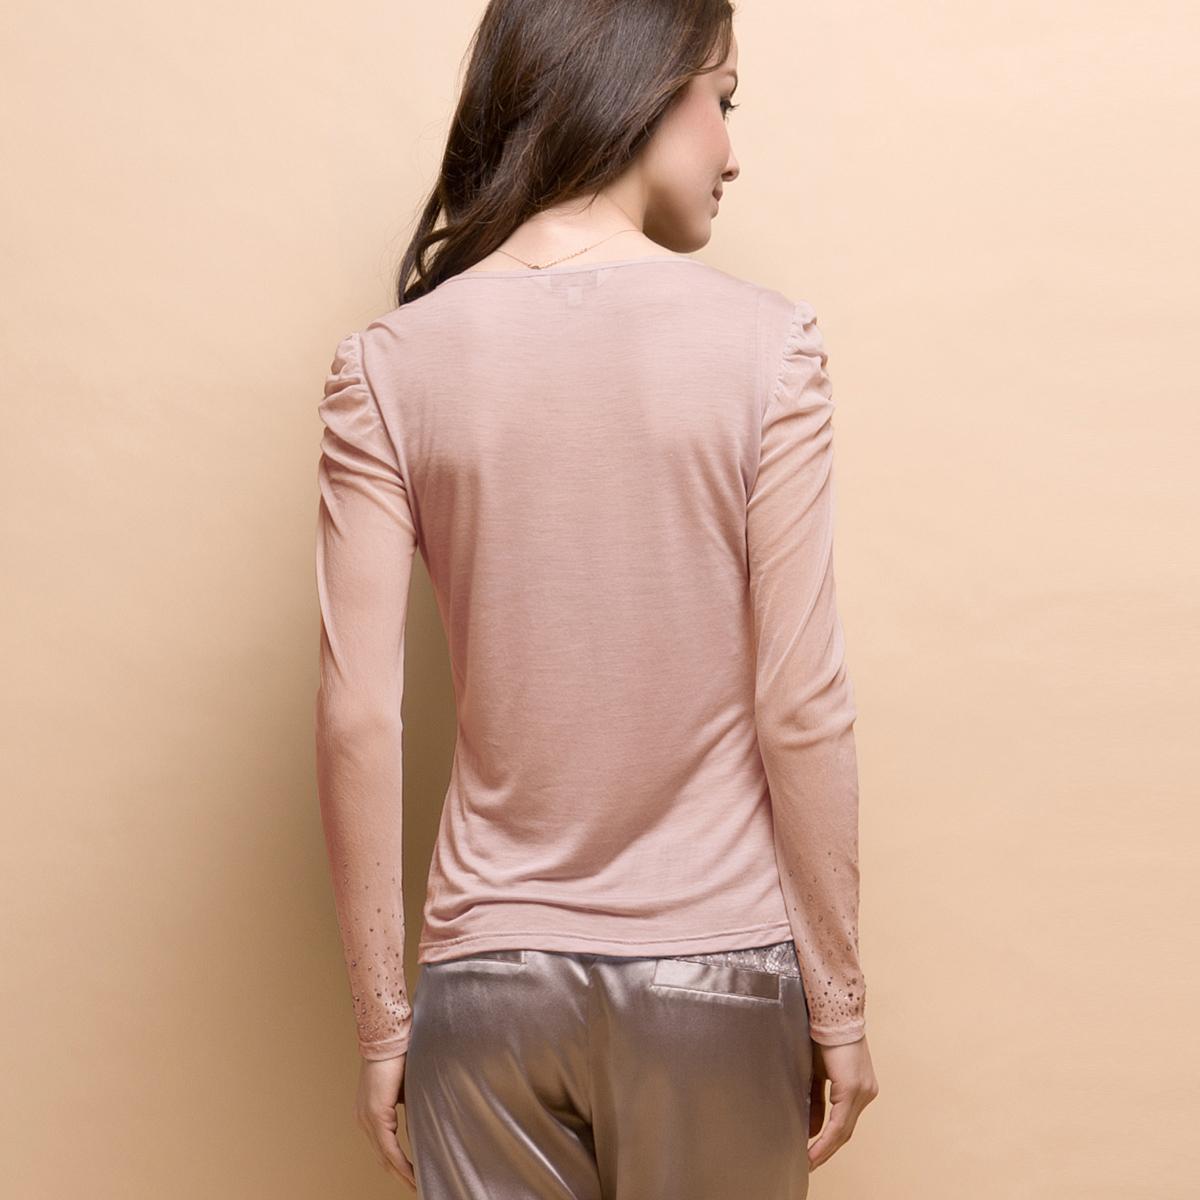 Одежда для сна Gold Three Pagodas yzw2a717 Ткань 10 шелка 90 модальных ткани два 100 Kam Другие материалы Свитер % Весна % Гламурный стиль % Девушки